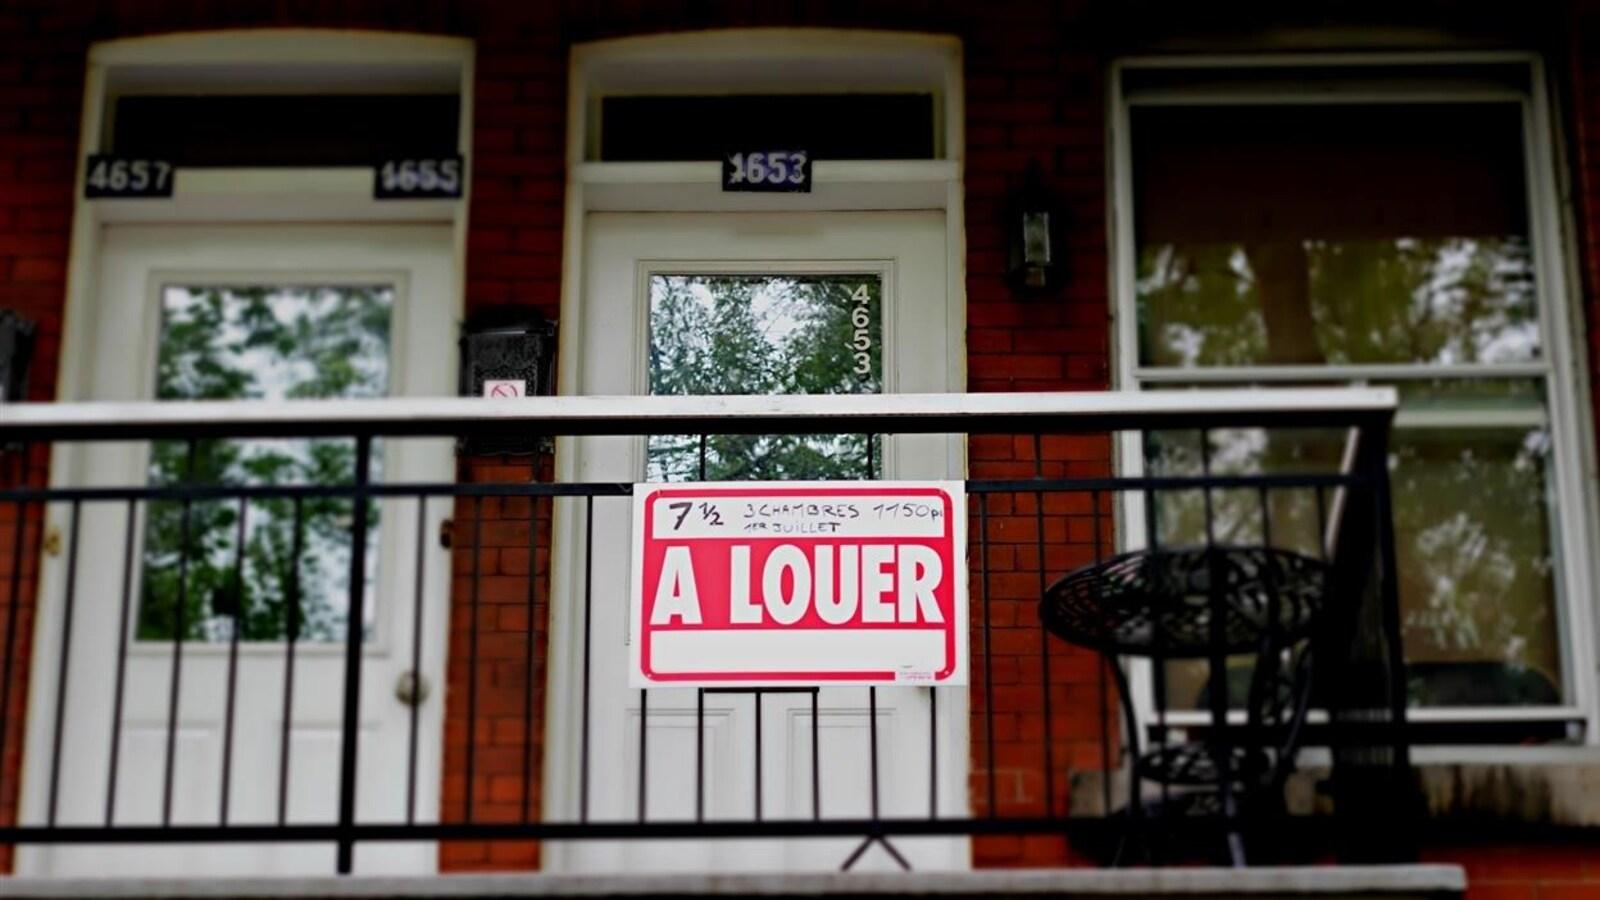 Un immeuble d'appartements à Montréal avec une pancarte À louer devant l'une des portes.